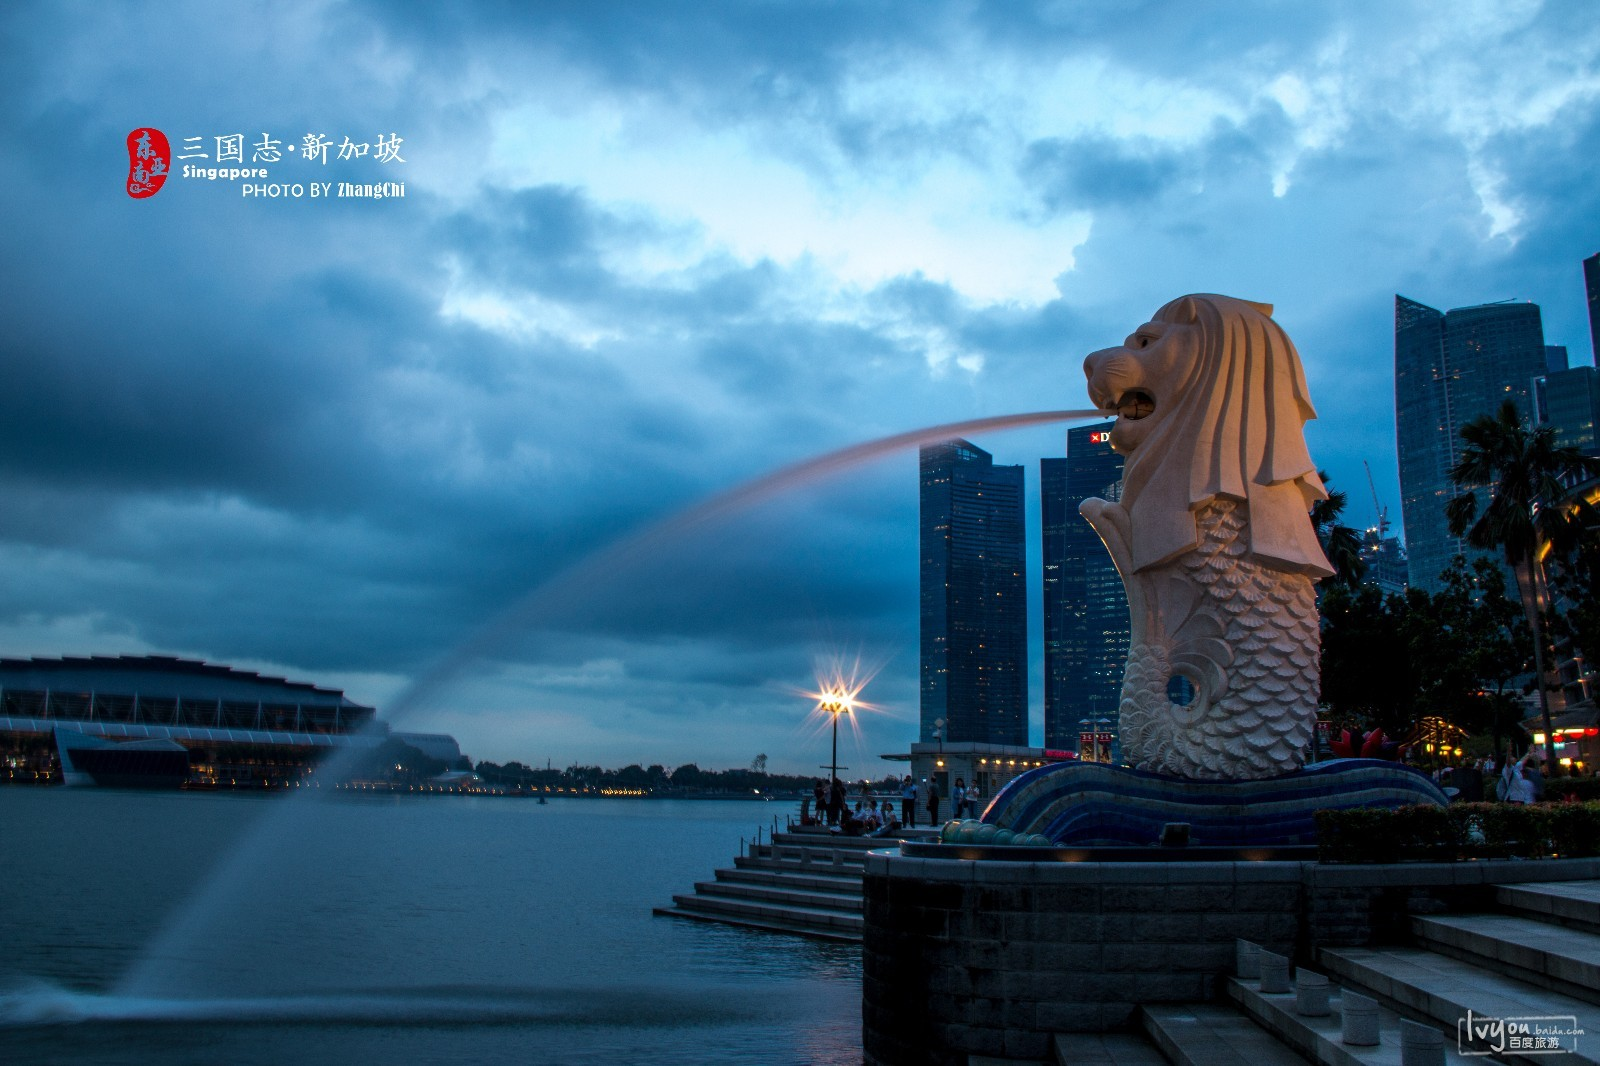 鱼尾造型,既代表新加坡从渔港变成商港的特性,也象征着当年飘洋过海